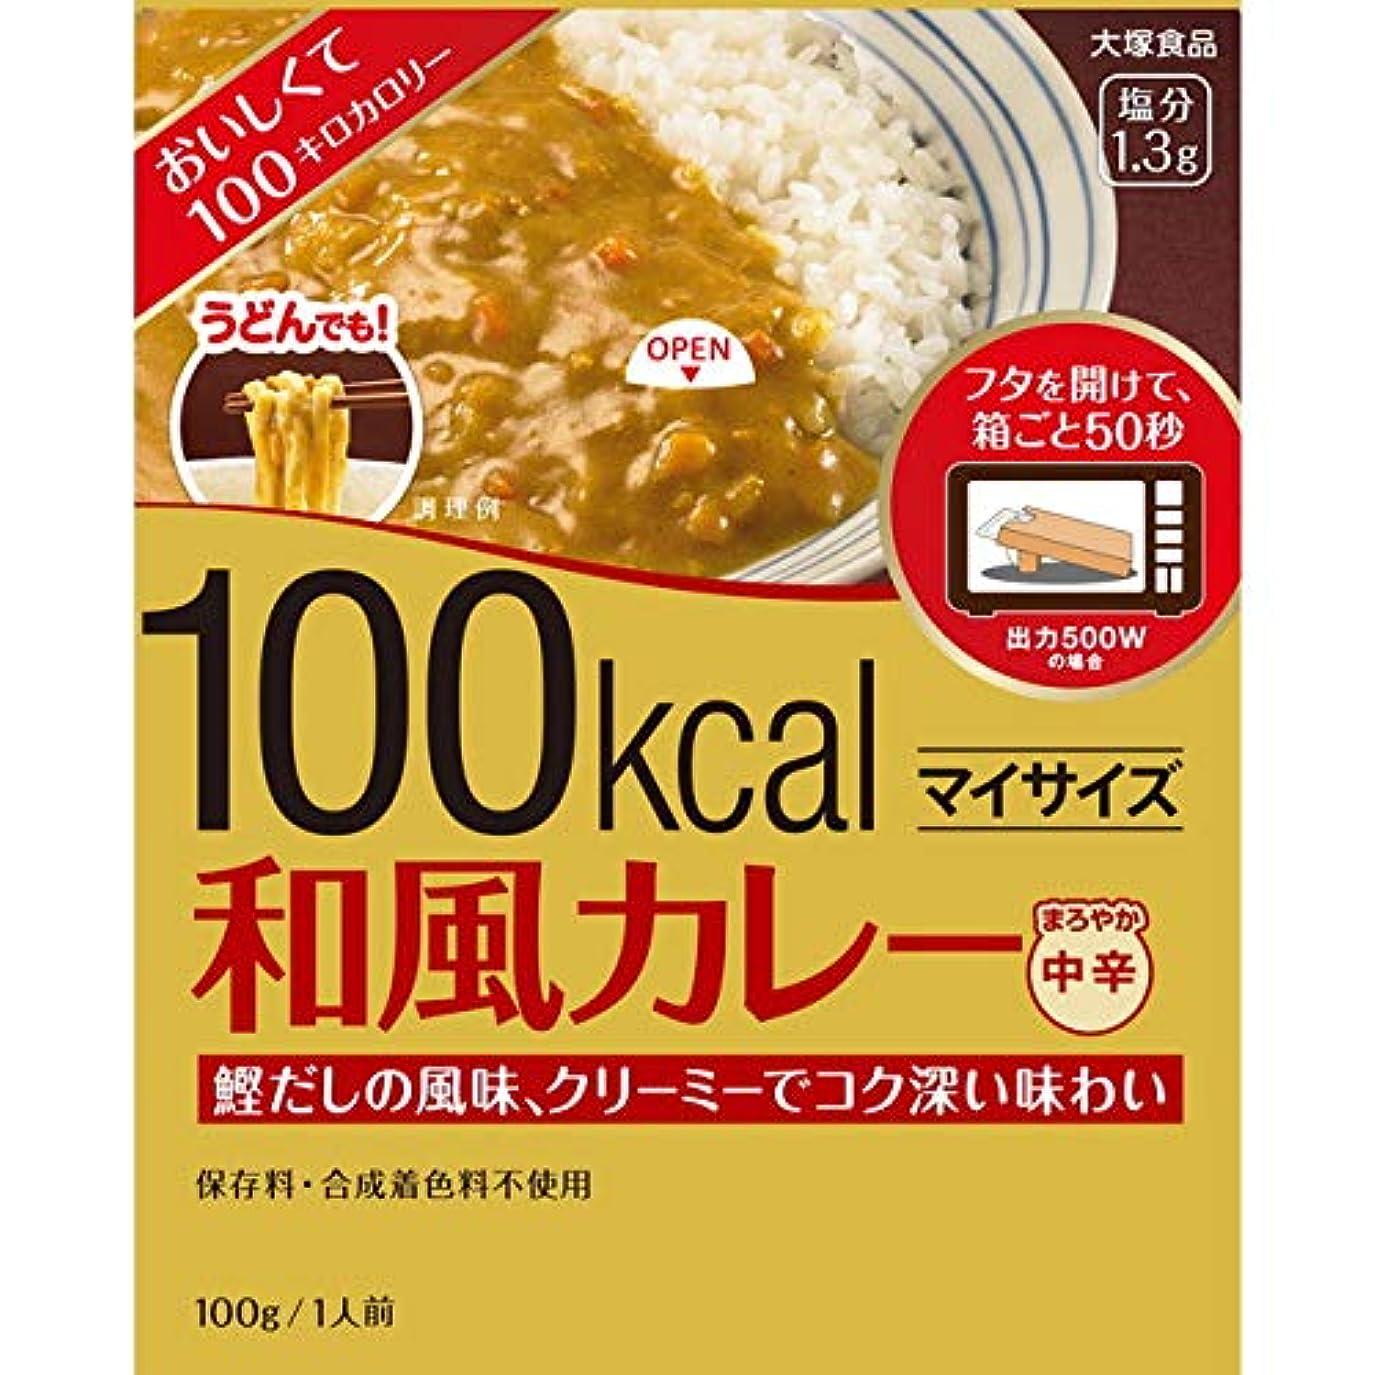 億文明ベーシック大塚 マイサイズ 和風カレー 100g【5個セット】